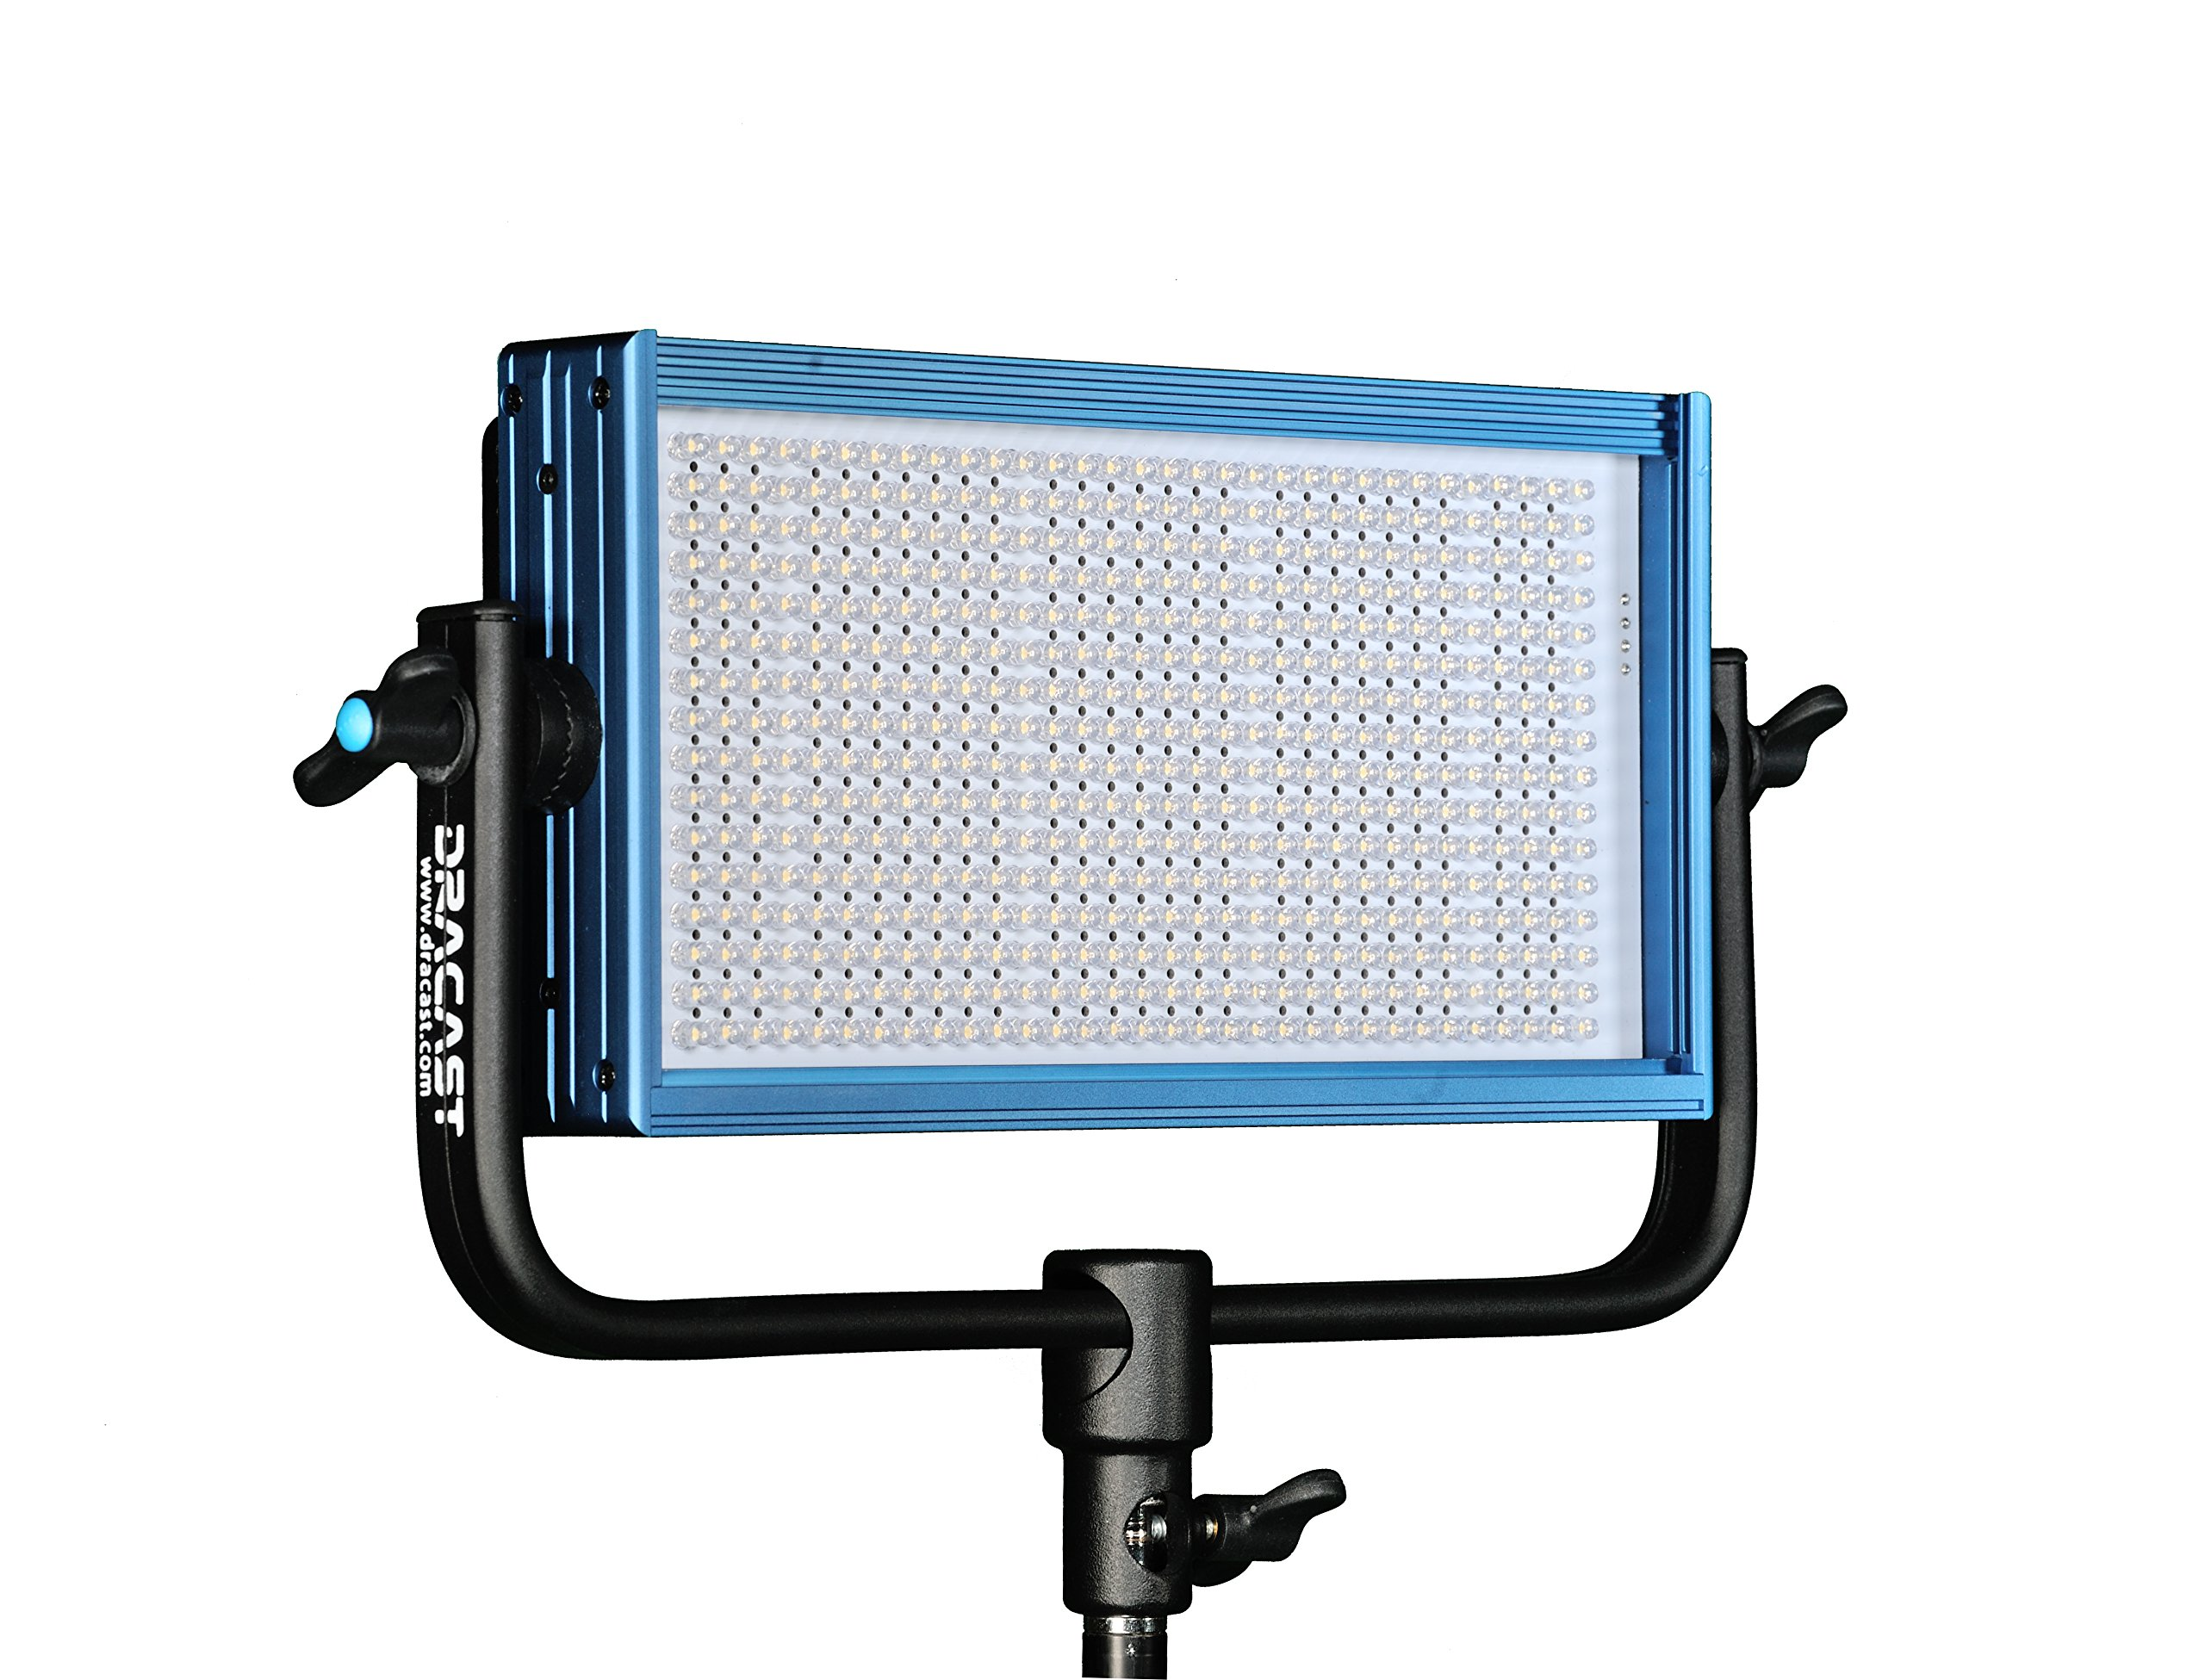 Dracast DRP-LED500-BV LED500 Bi-color Adjustable with V-Mount Battery Plate (Blue) by Dracast